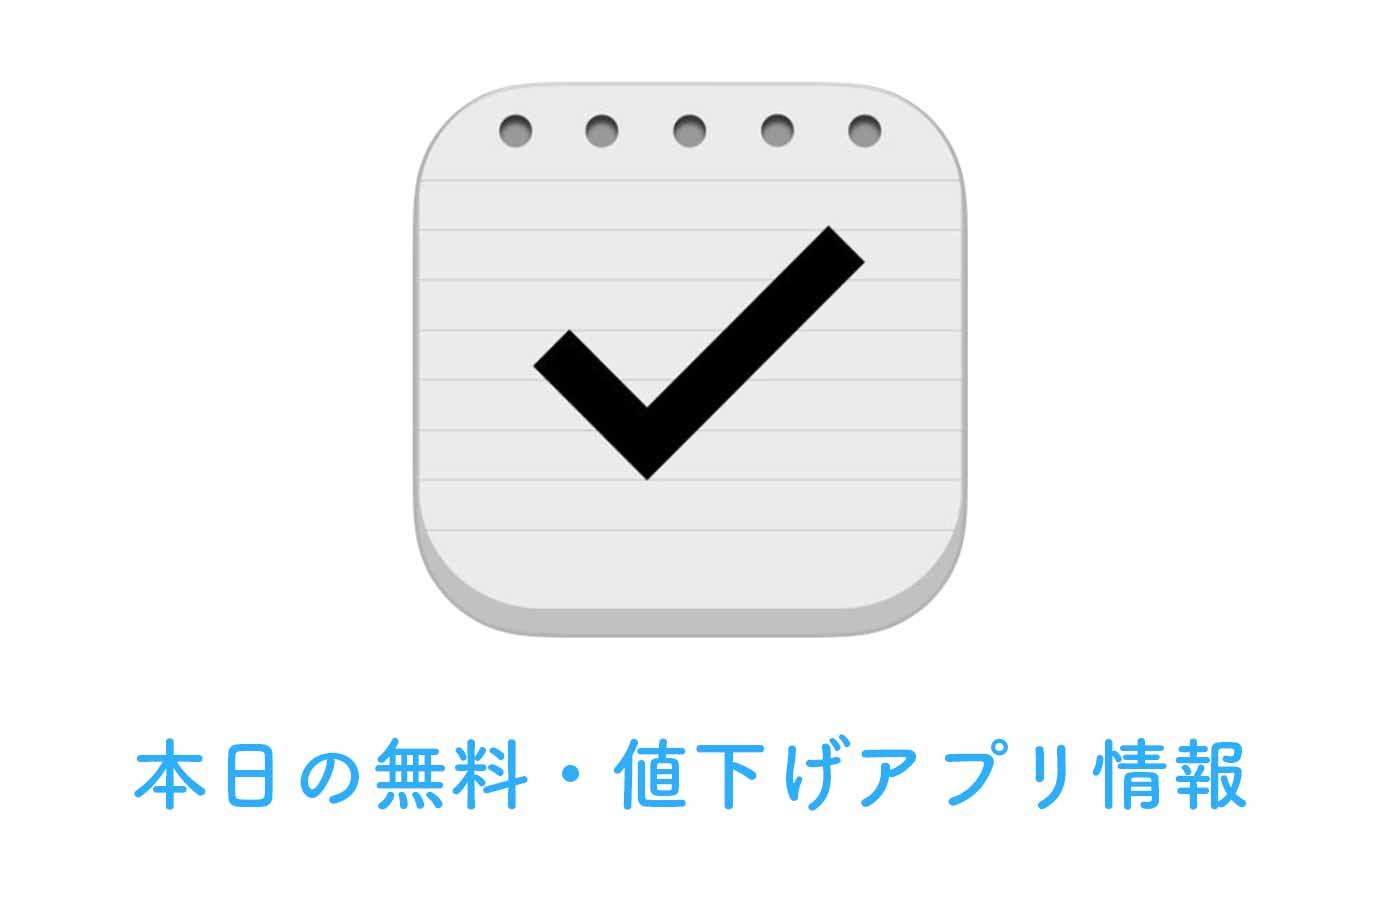 240円→無料、キューブを回すようにして操作するUIが特徴のタスク管理アプリ「CubicToDo」など【6/19】本日の無料・値下げアプリ情報